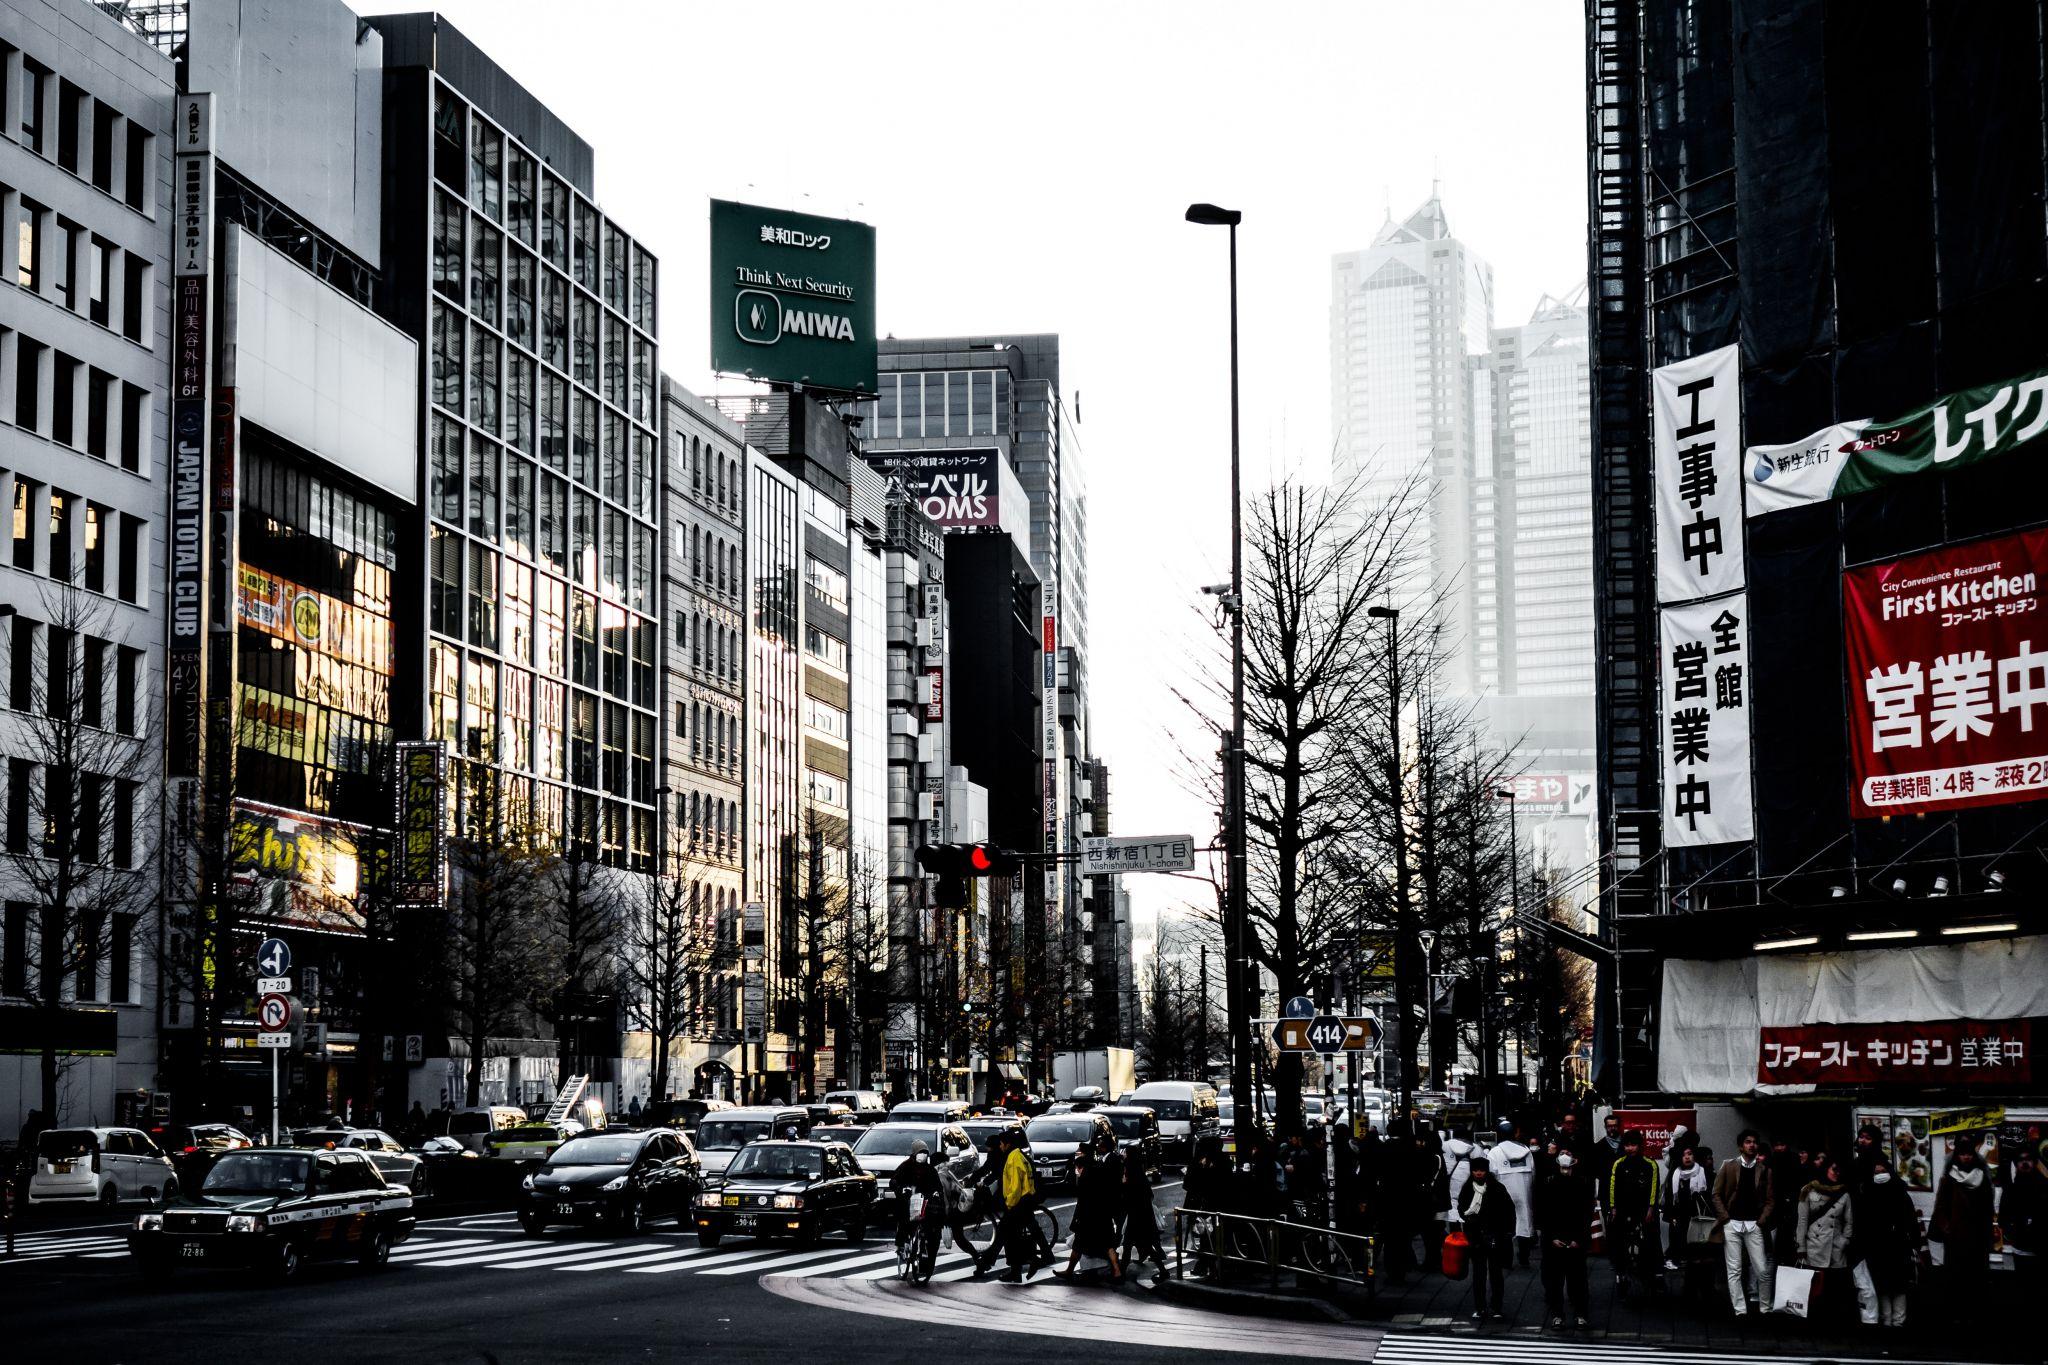 Shinjuku Streets, Japan